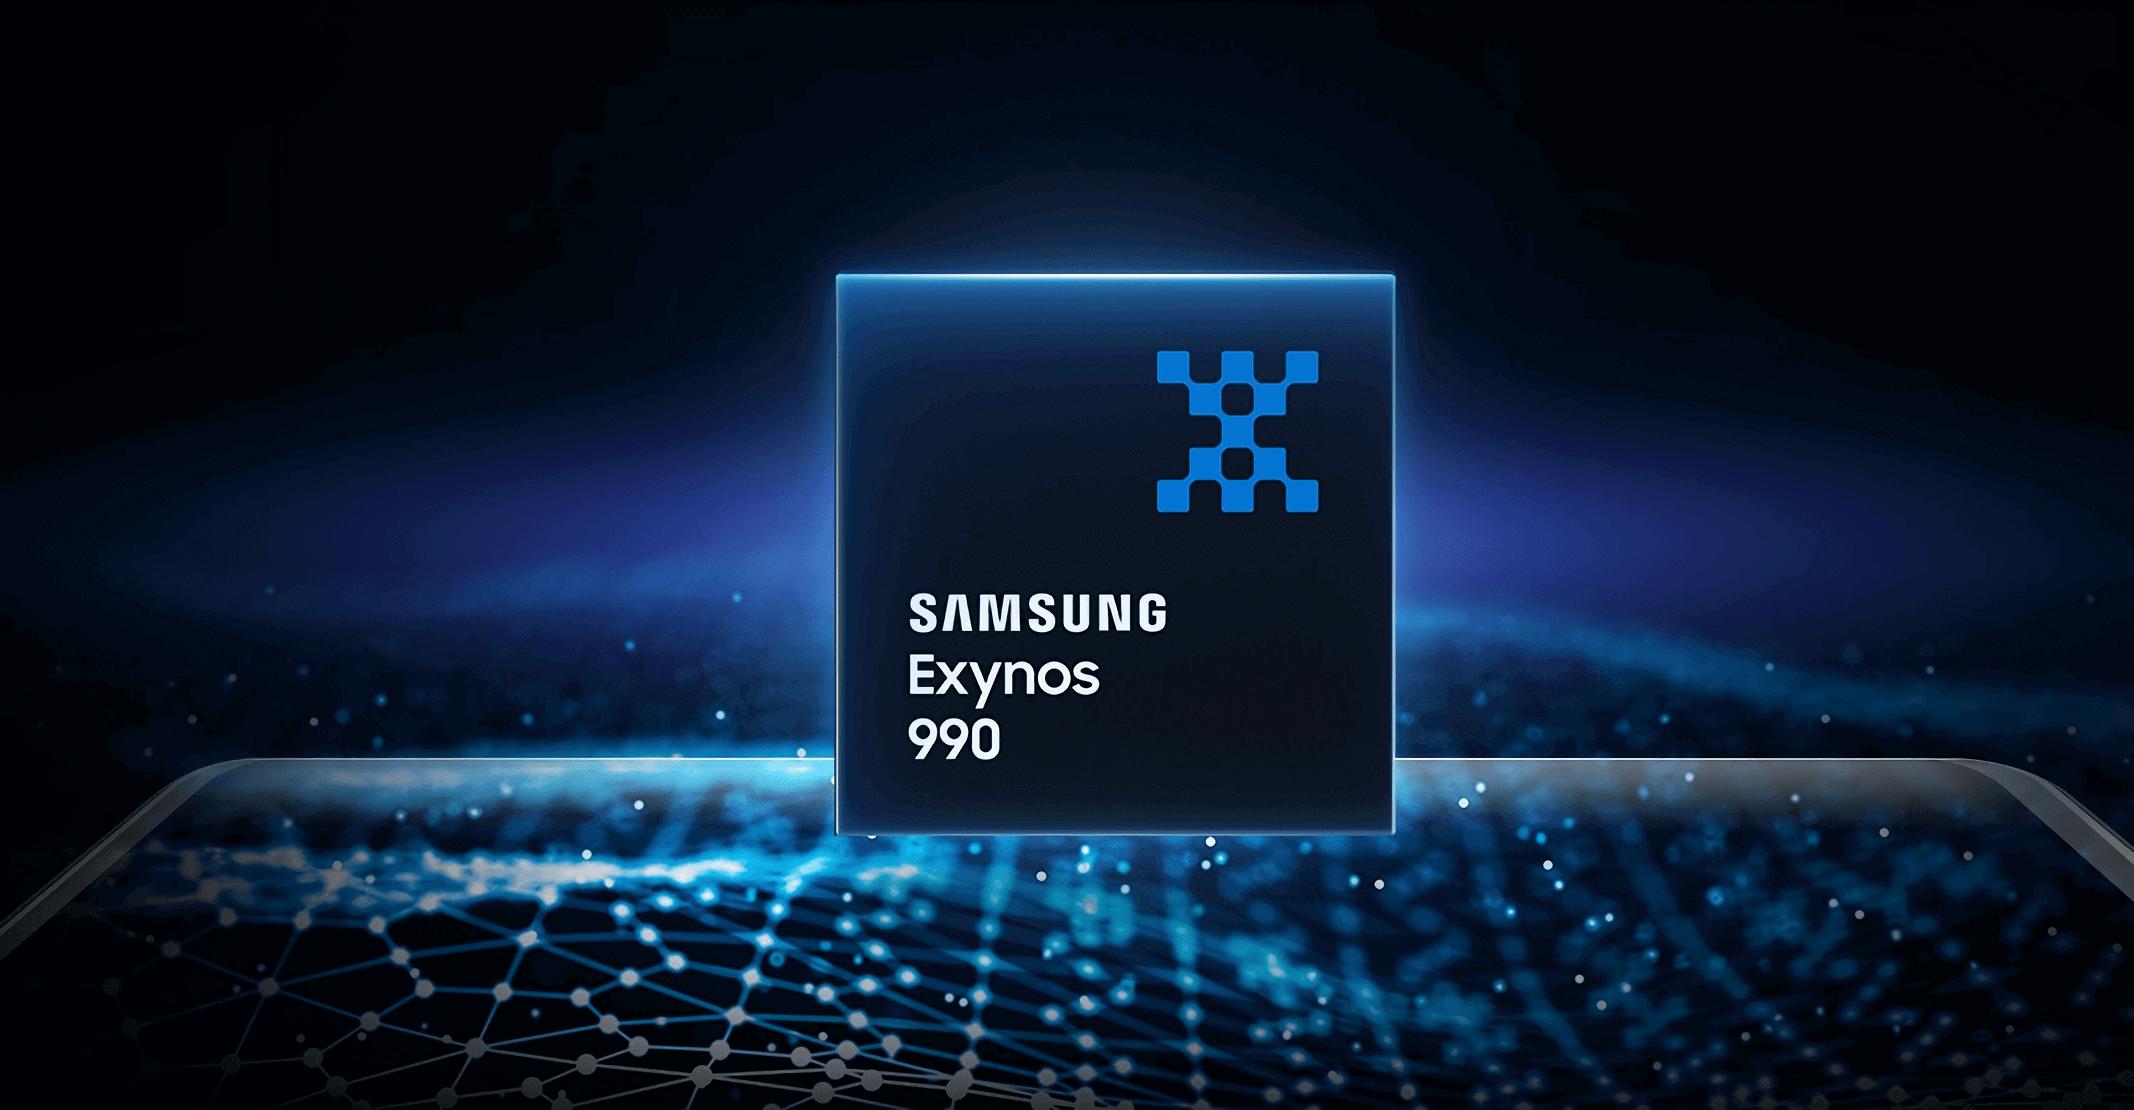 Galaxy S30 nen co nhung tinh nang nay hinh anh 5 2019_10_24_image_4.png